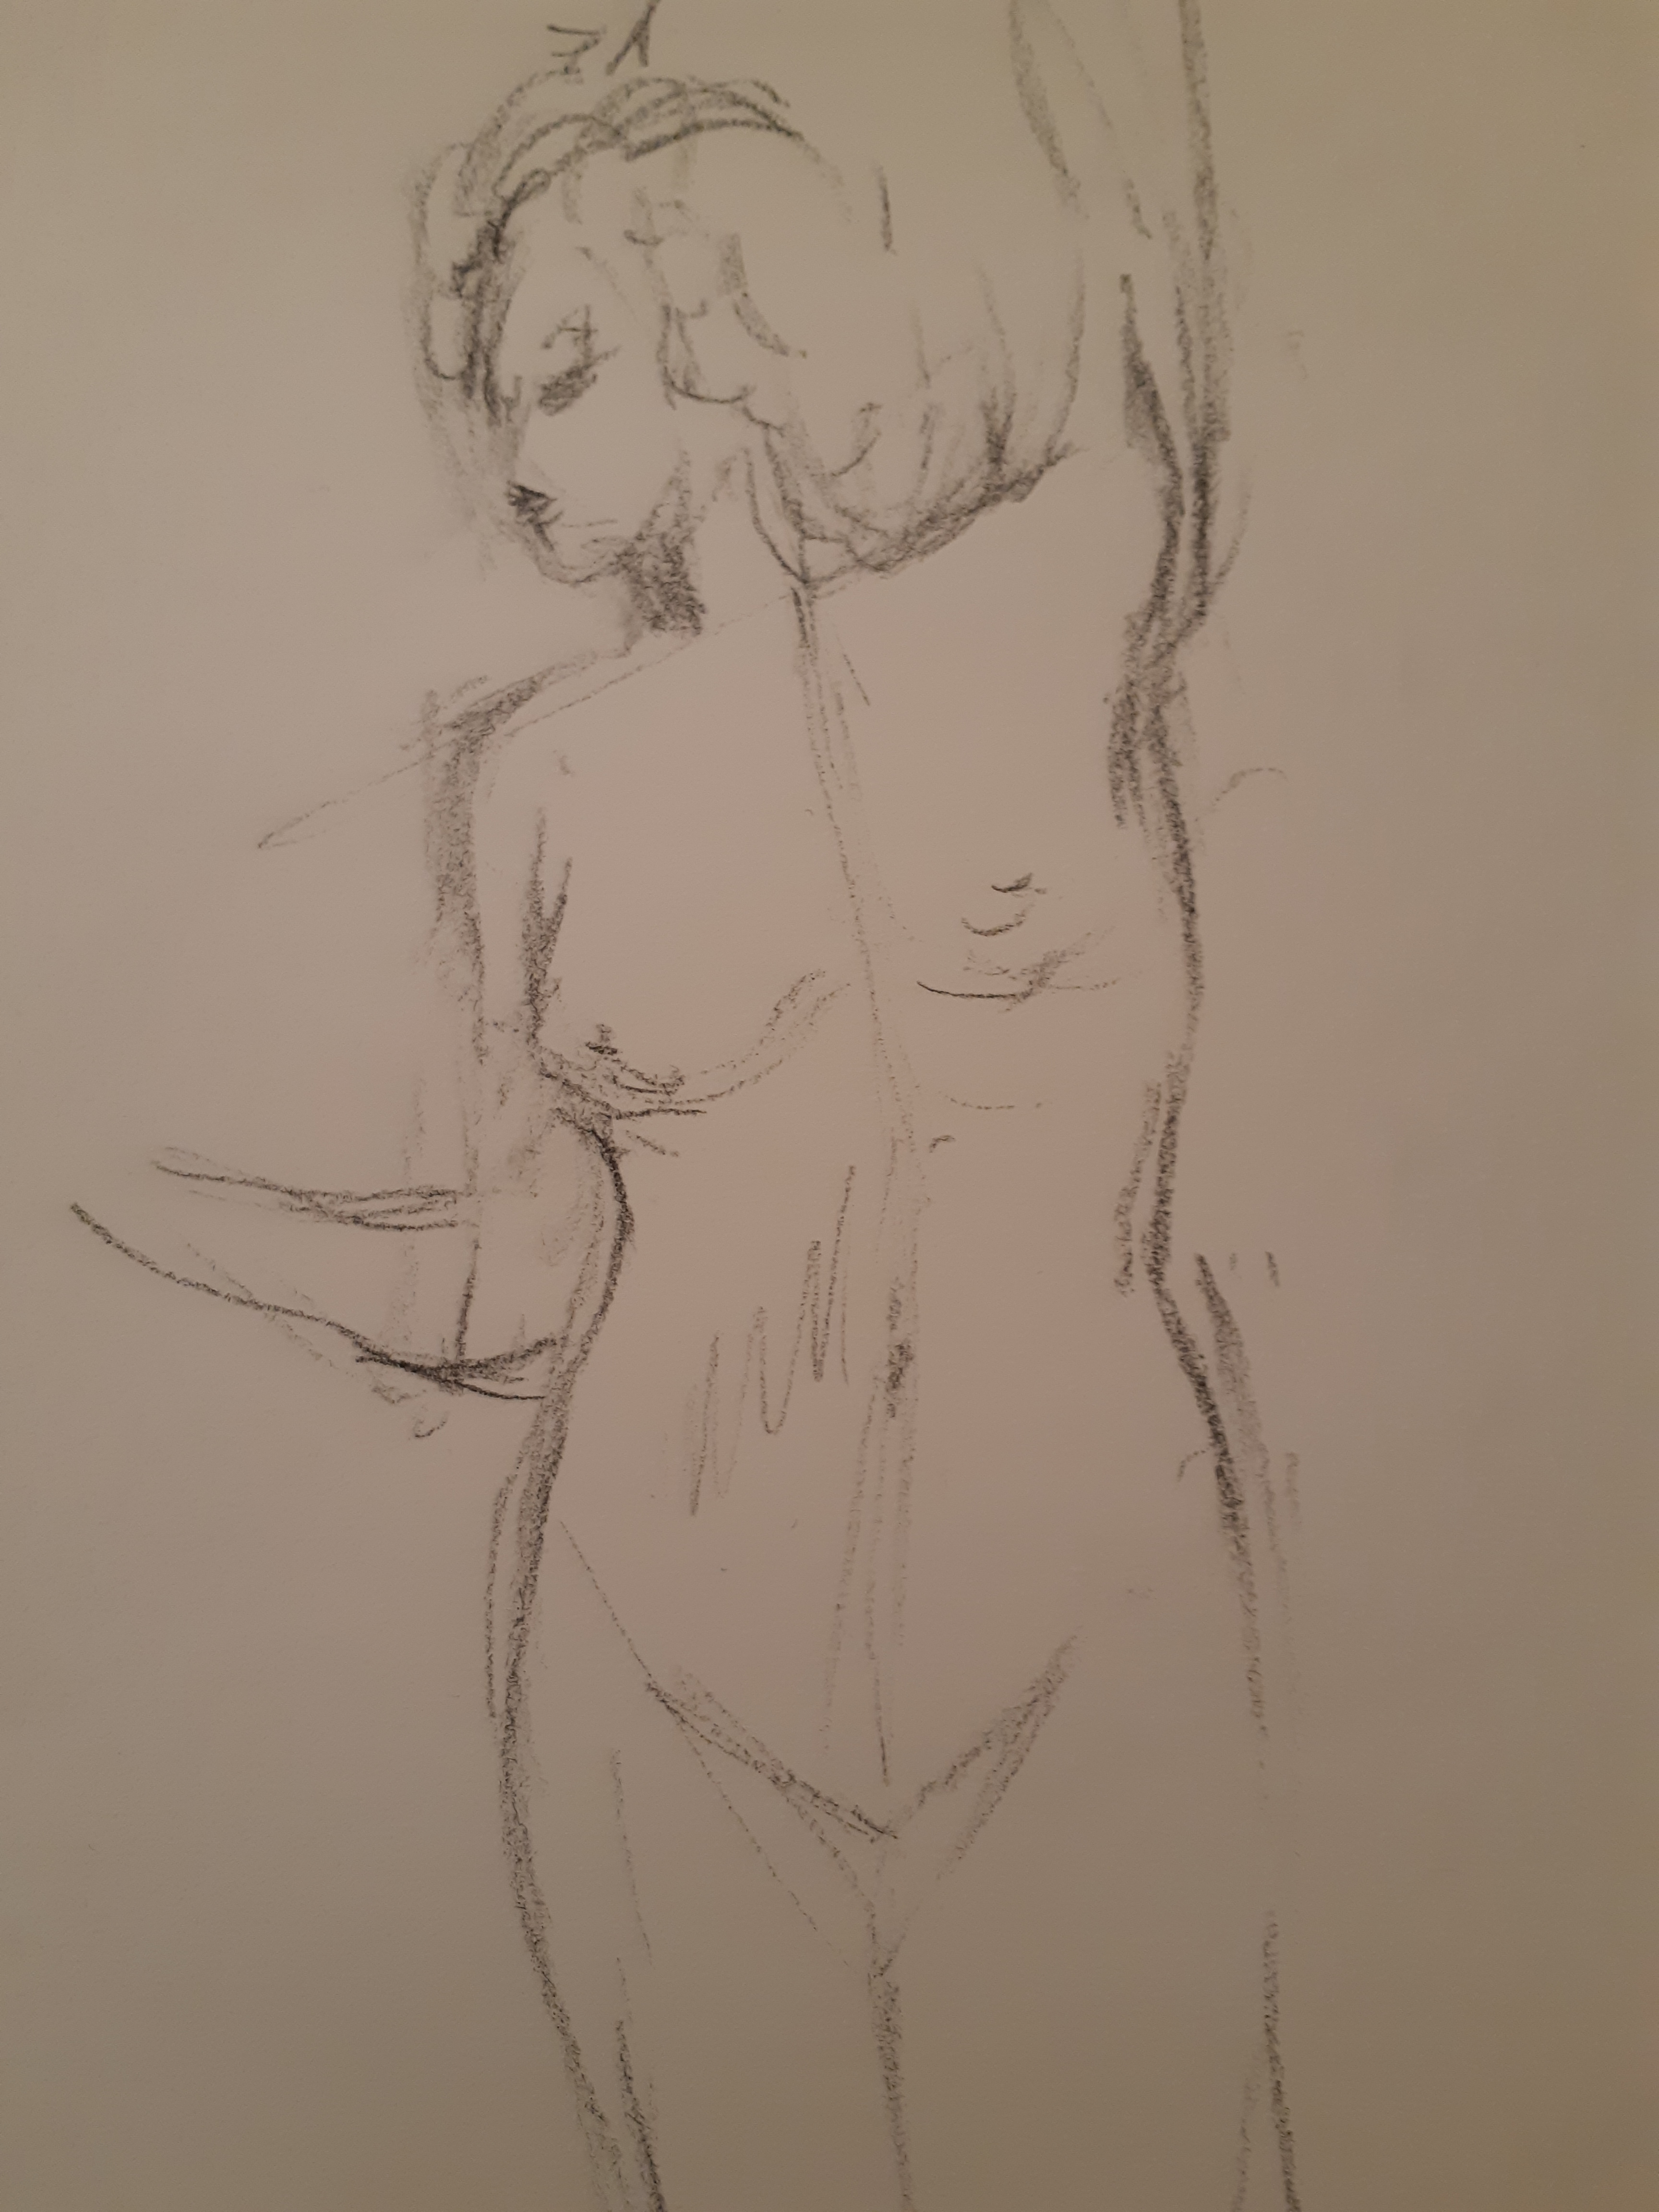 Esquisse rapide torse femme fusain sur papier  cours de dessin